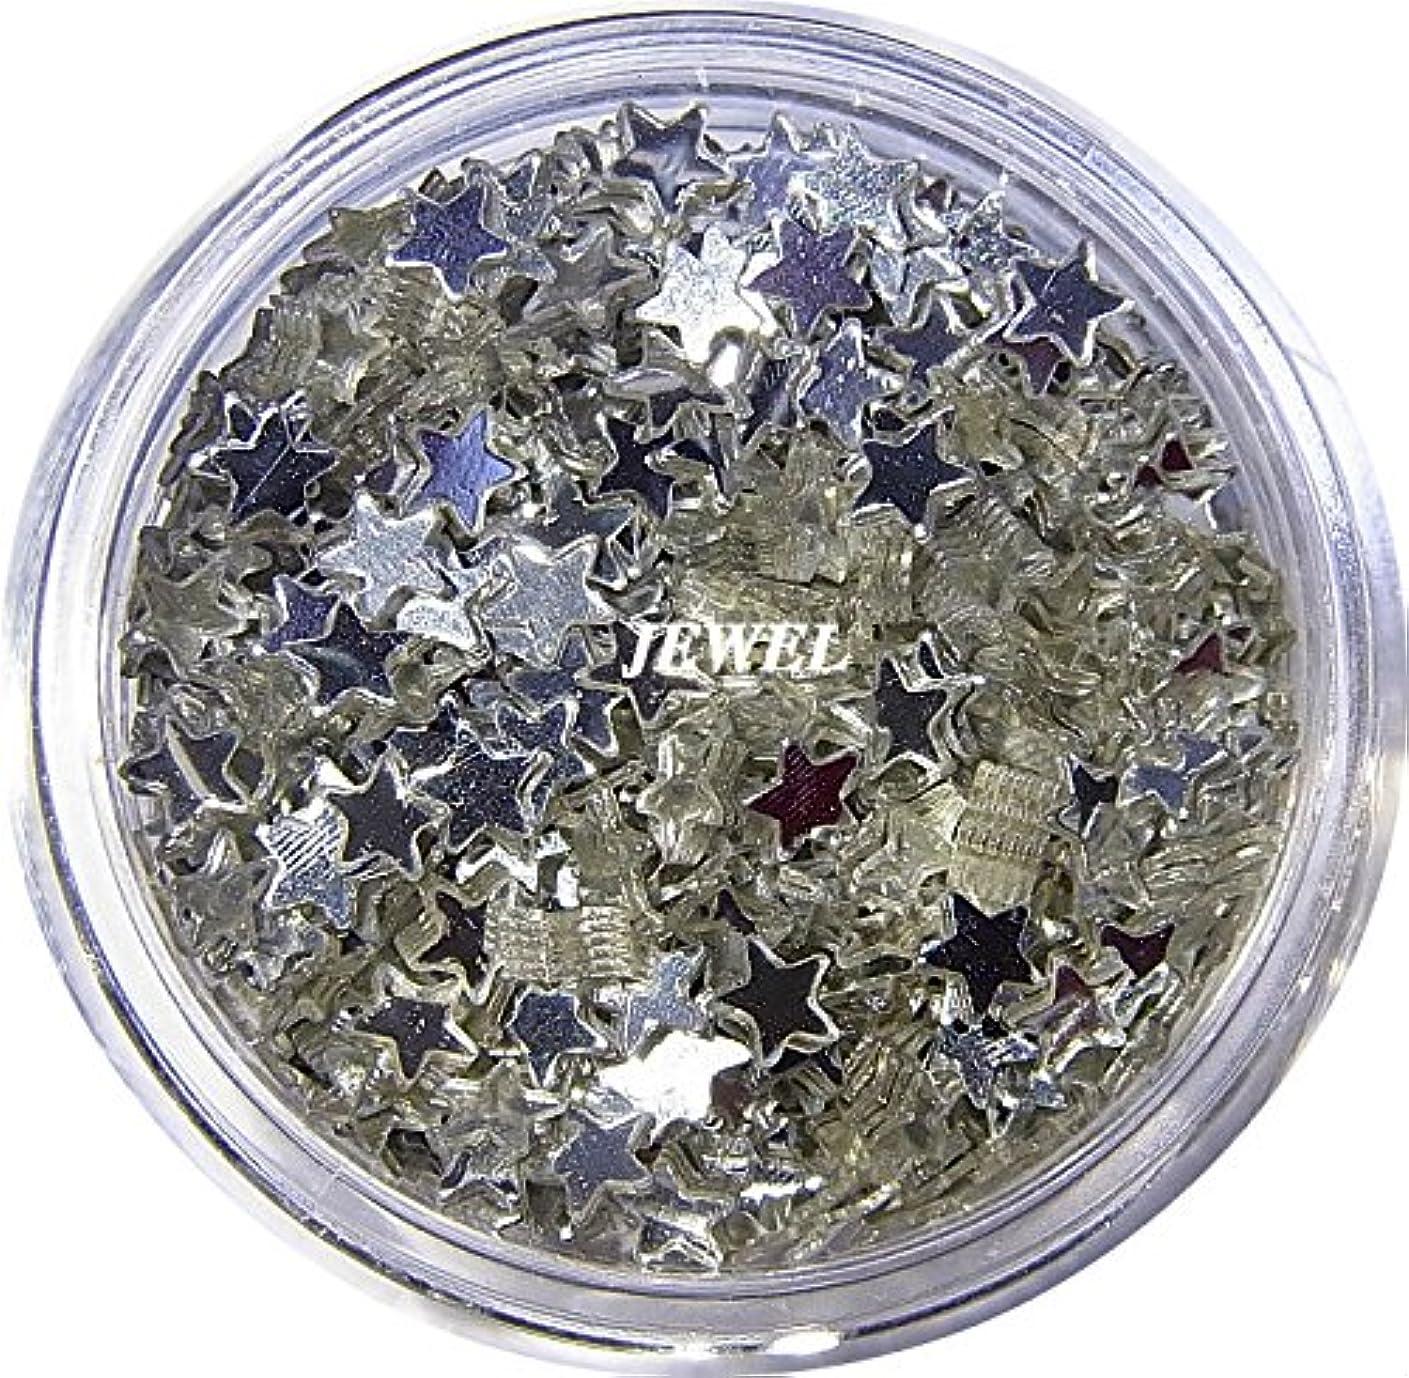 使用法ユーザー欠席【jewel】 星ホログラム 2.5mm シルバー スター 2g入り レジン&ネイル用